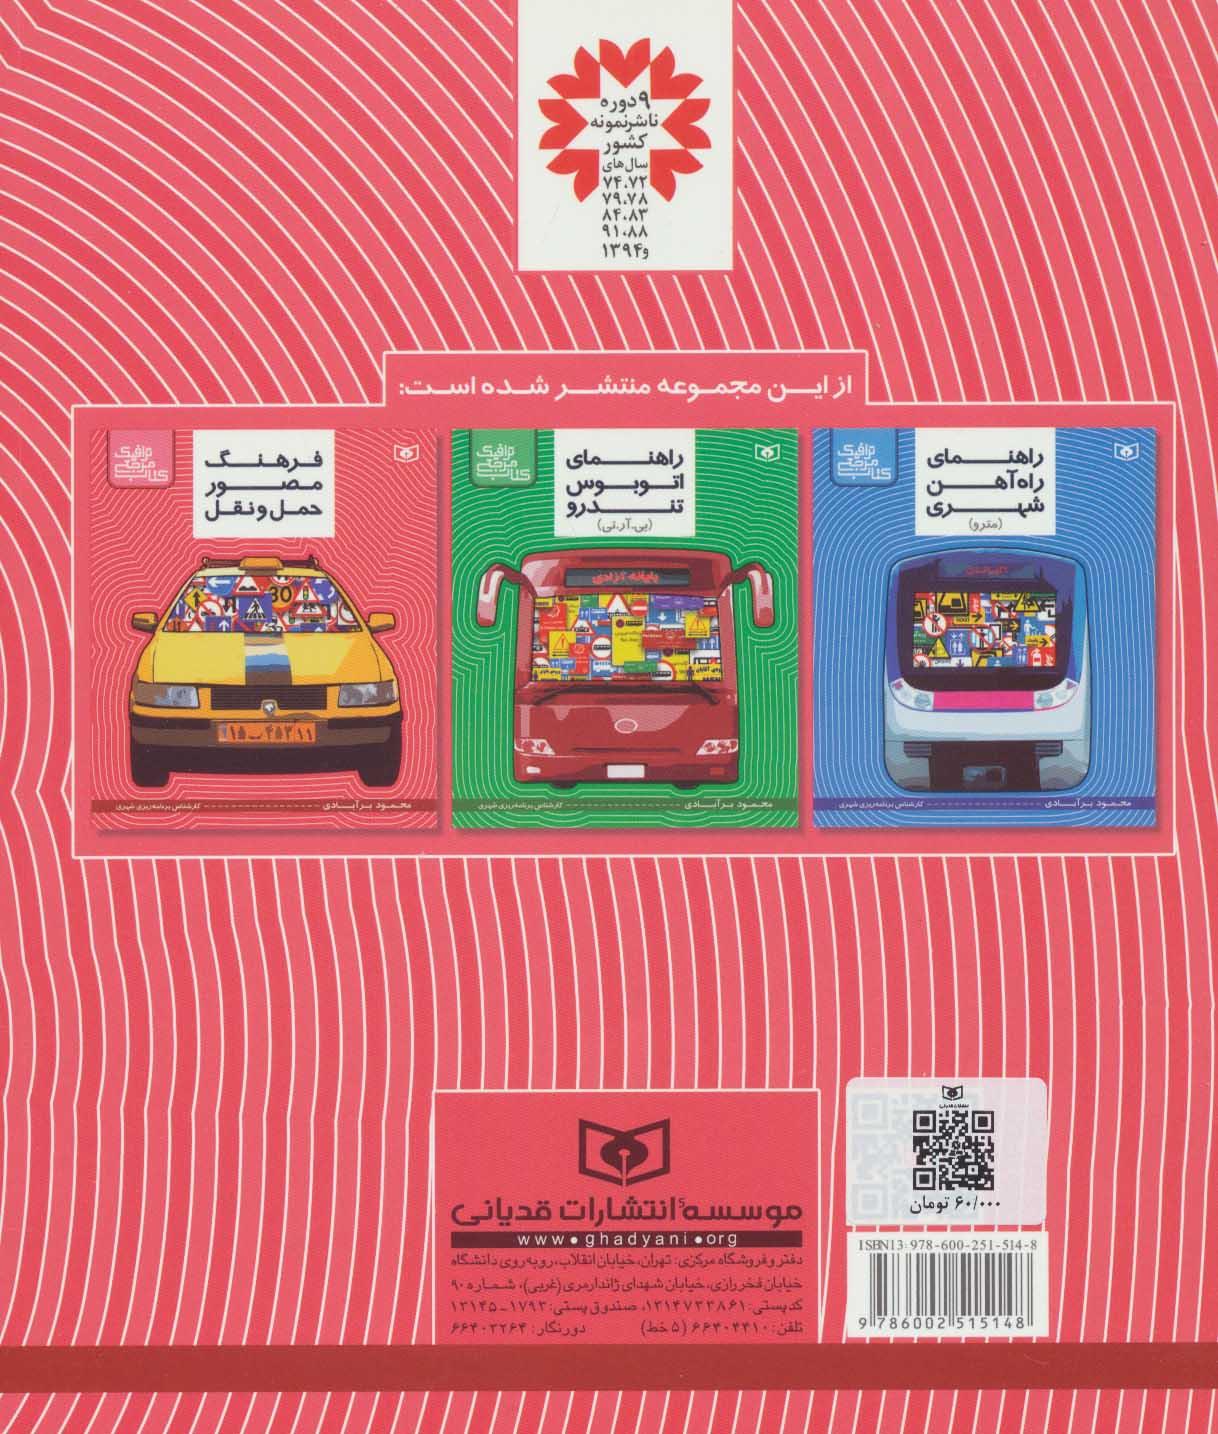 کتاب مرجع ترافیک (فرهنگ مصور حمل و نقل)،(گلاسه)